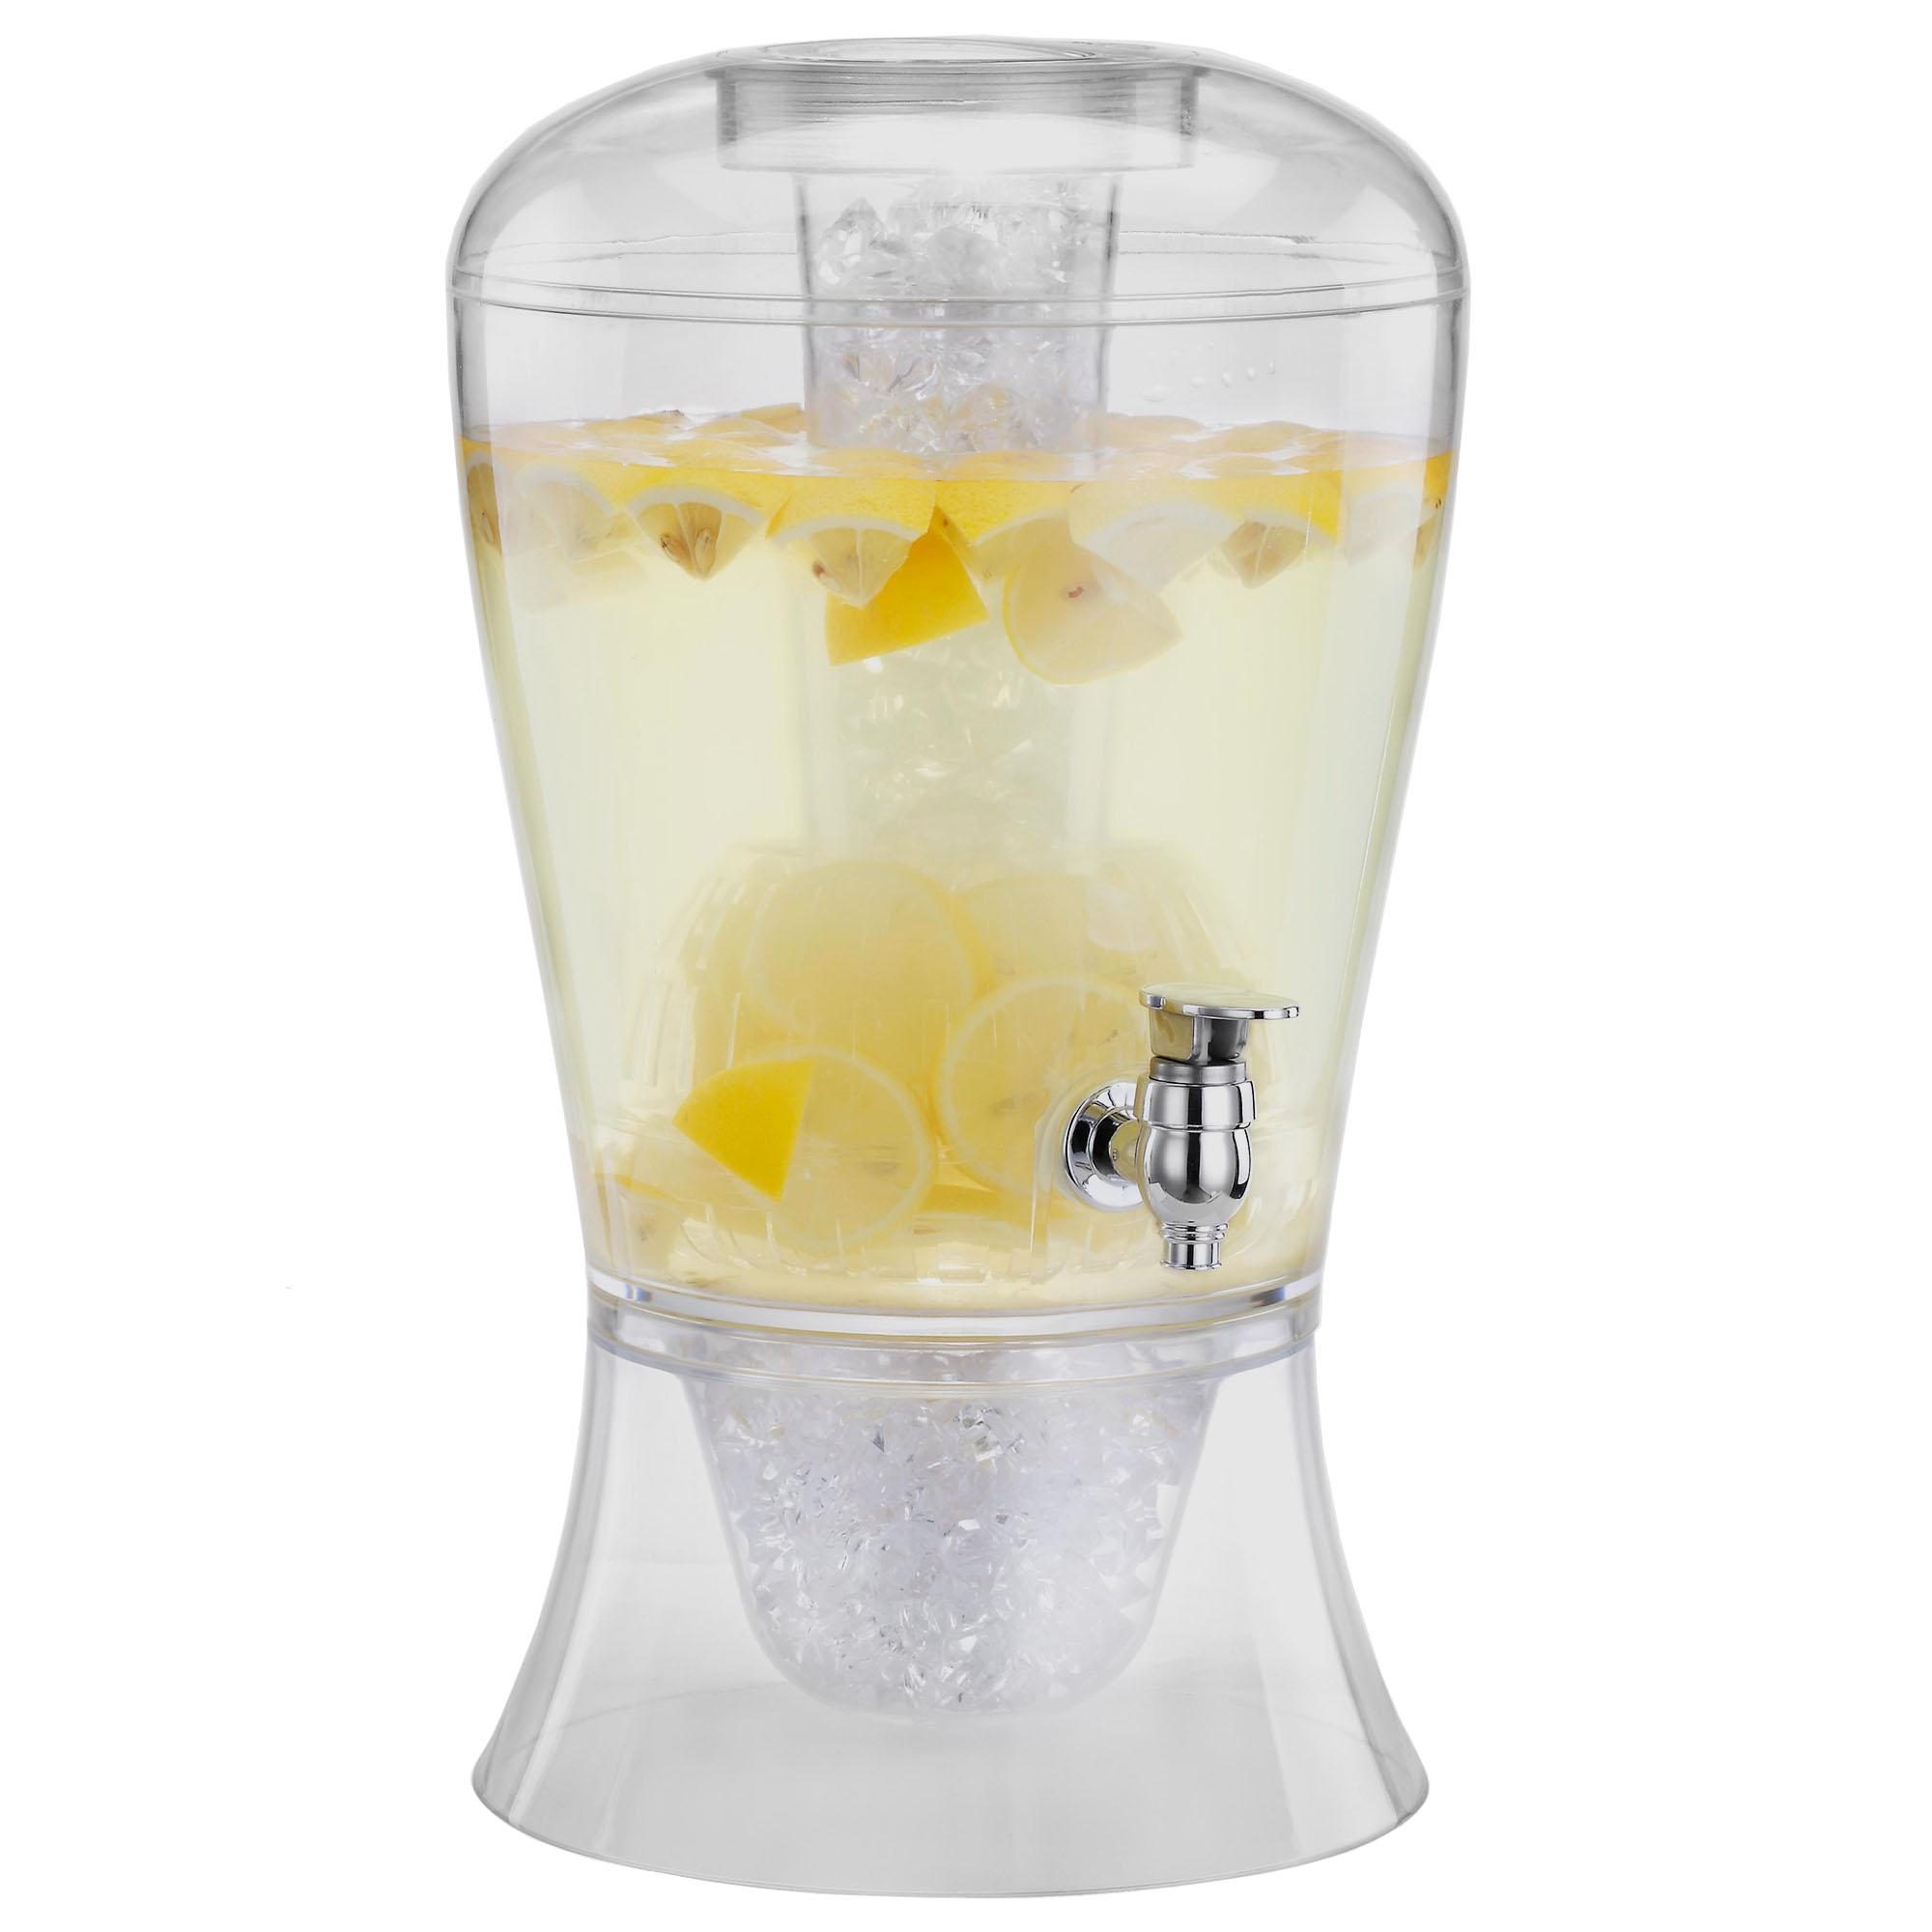 Vonshef 8l Large Drinks Dispenser Jug Amp Cocktail Fruit